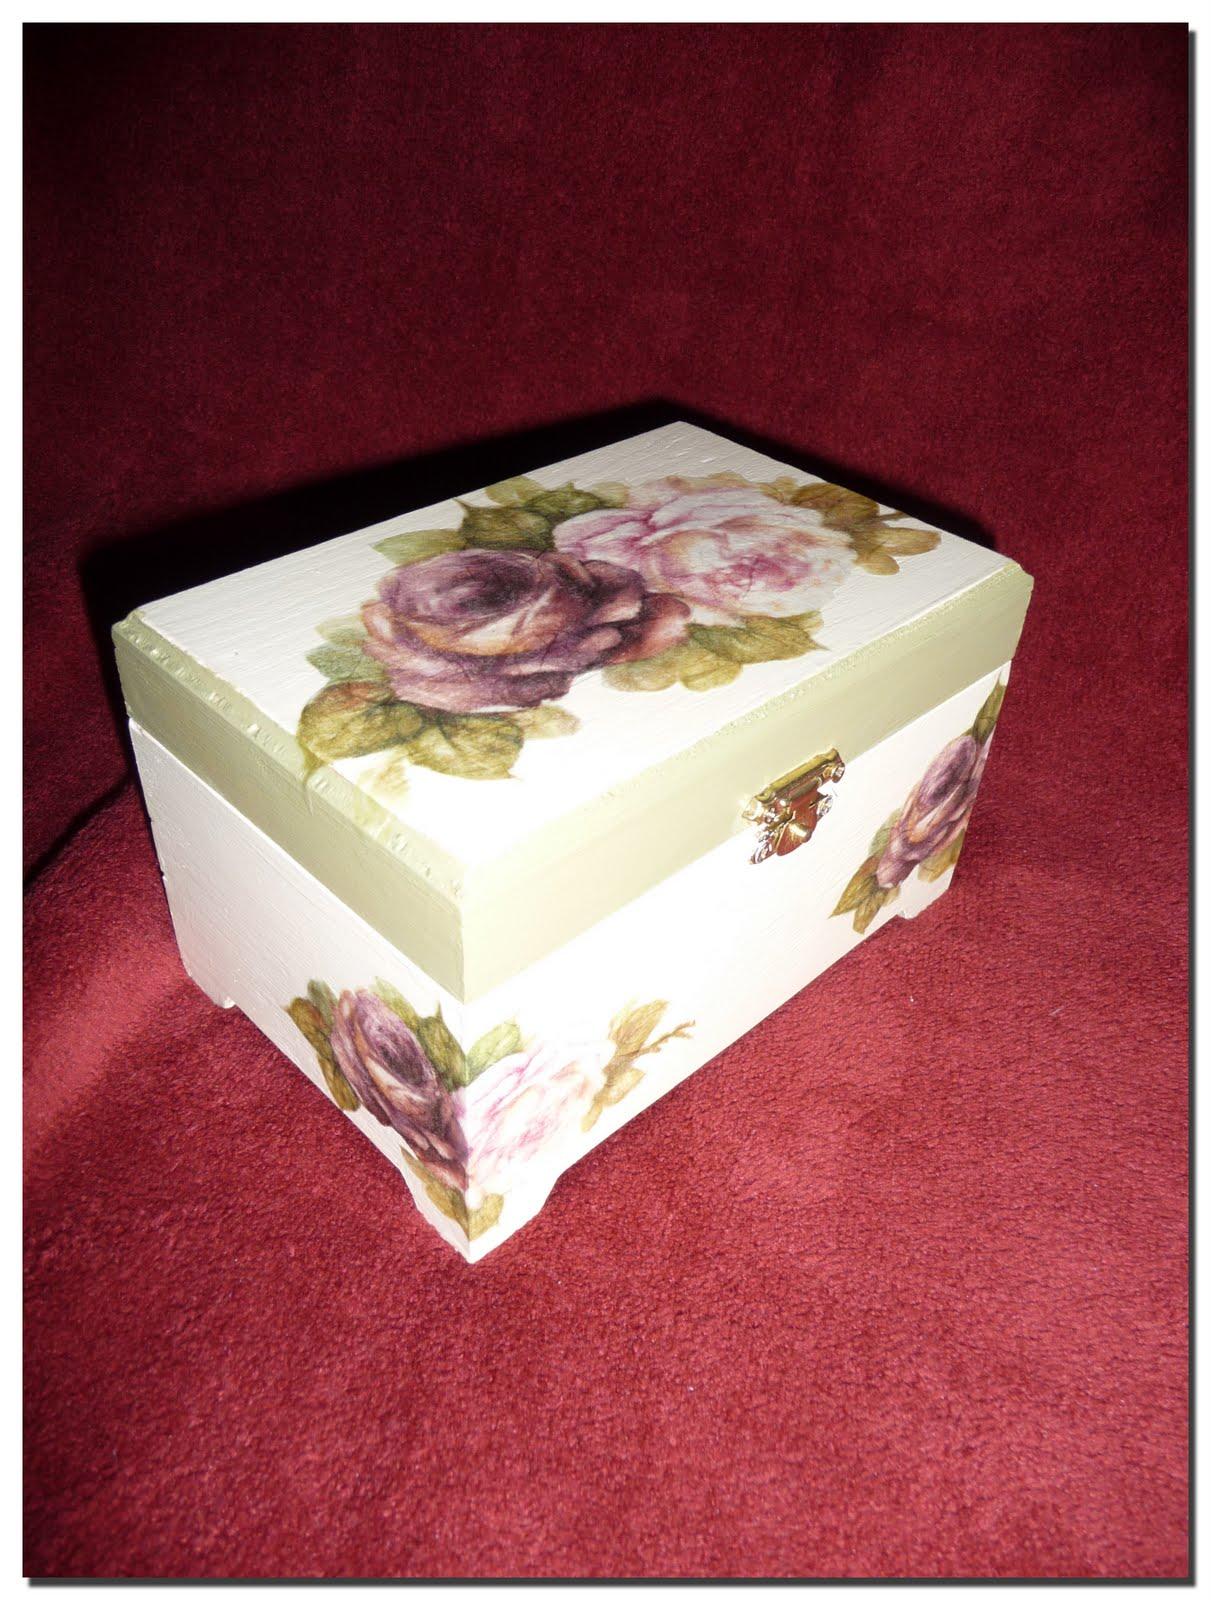 Las manualidades de blanca cajas de madera - Cajas madera manualidades ...